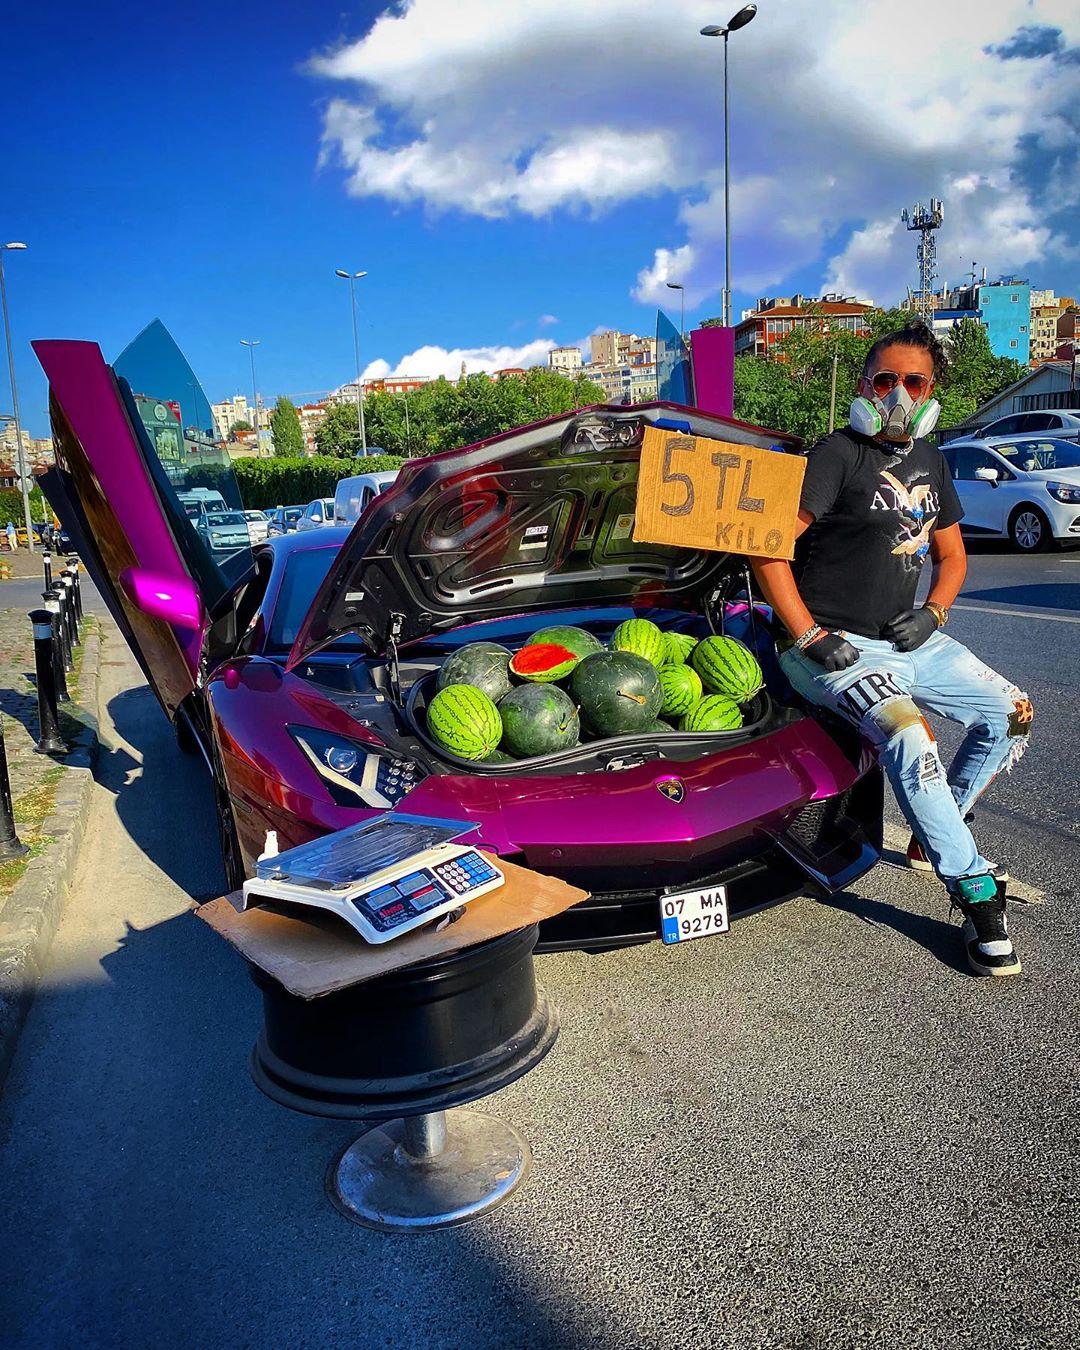 Surpriza de care a avut parte un bărbat după ce a vândut pepeni dintr-un Lamborghini